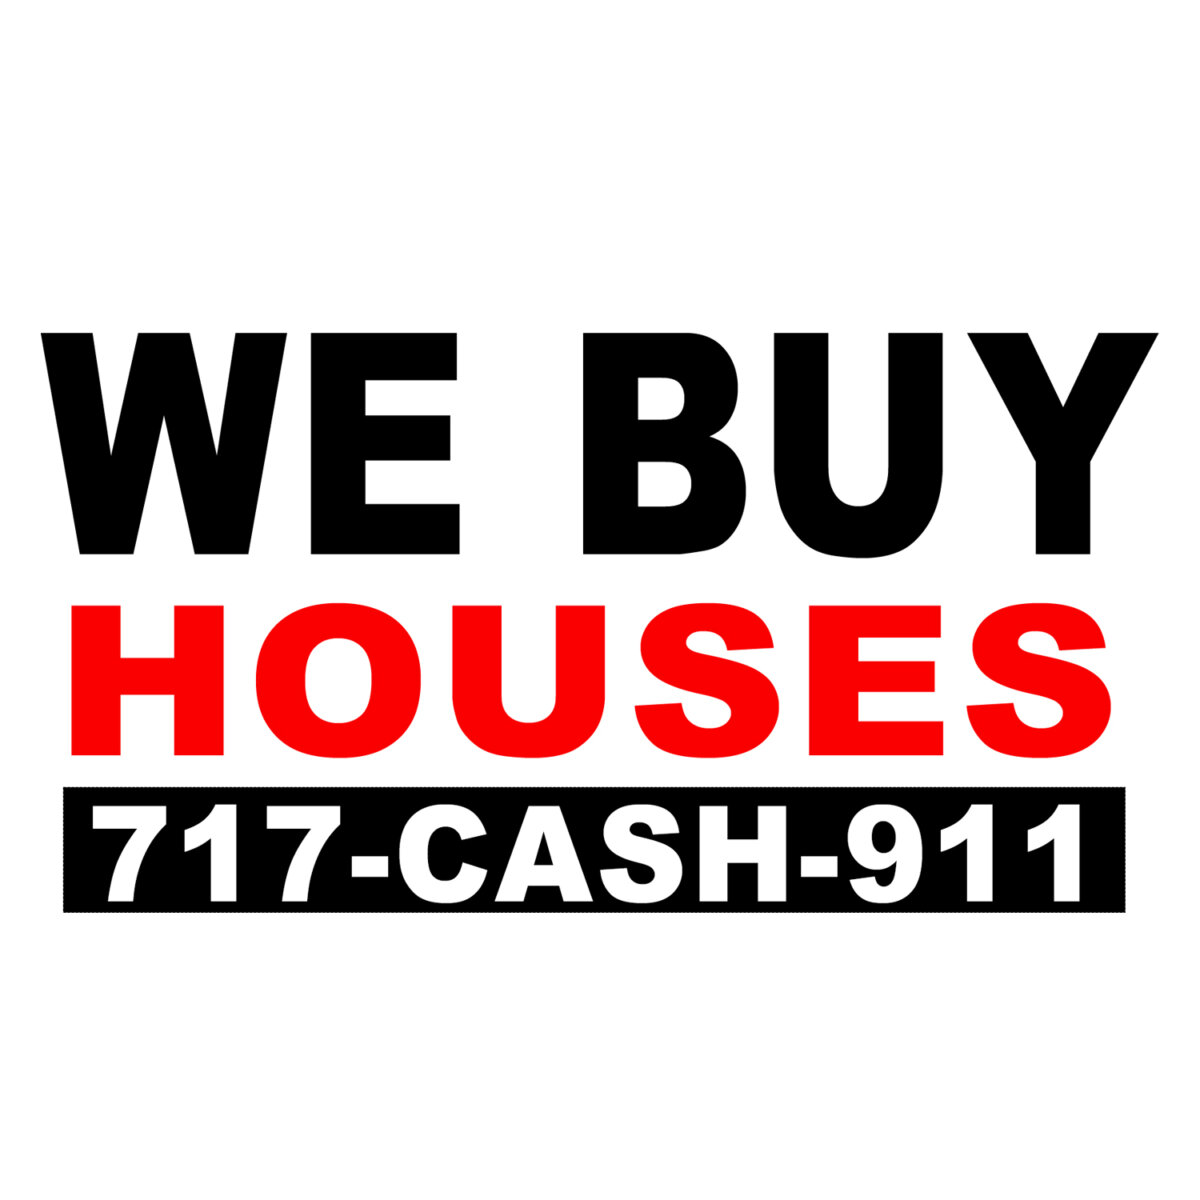 717 CASH 911 logo